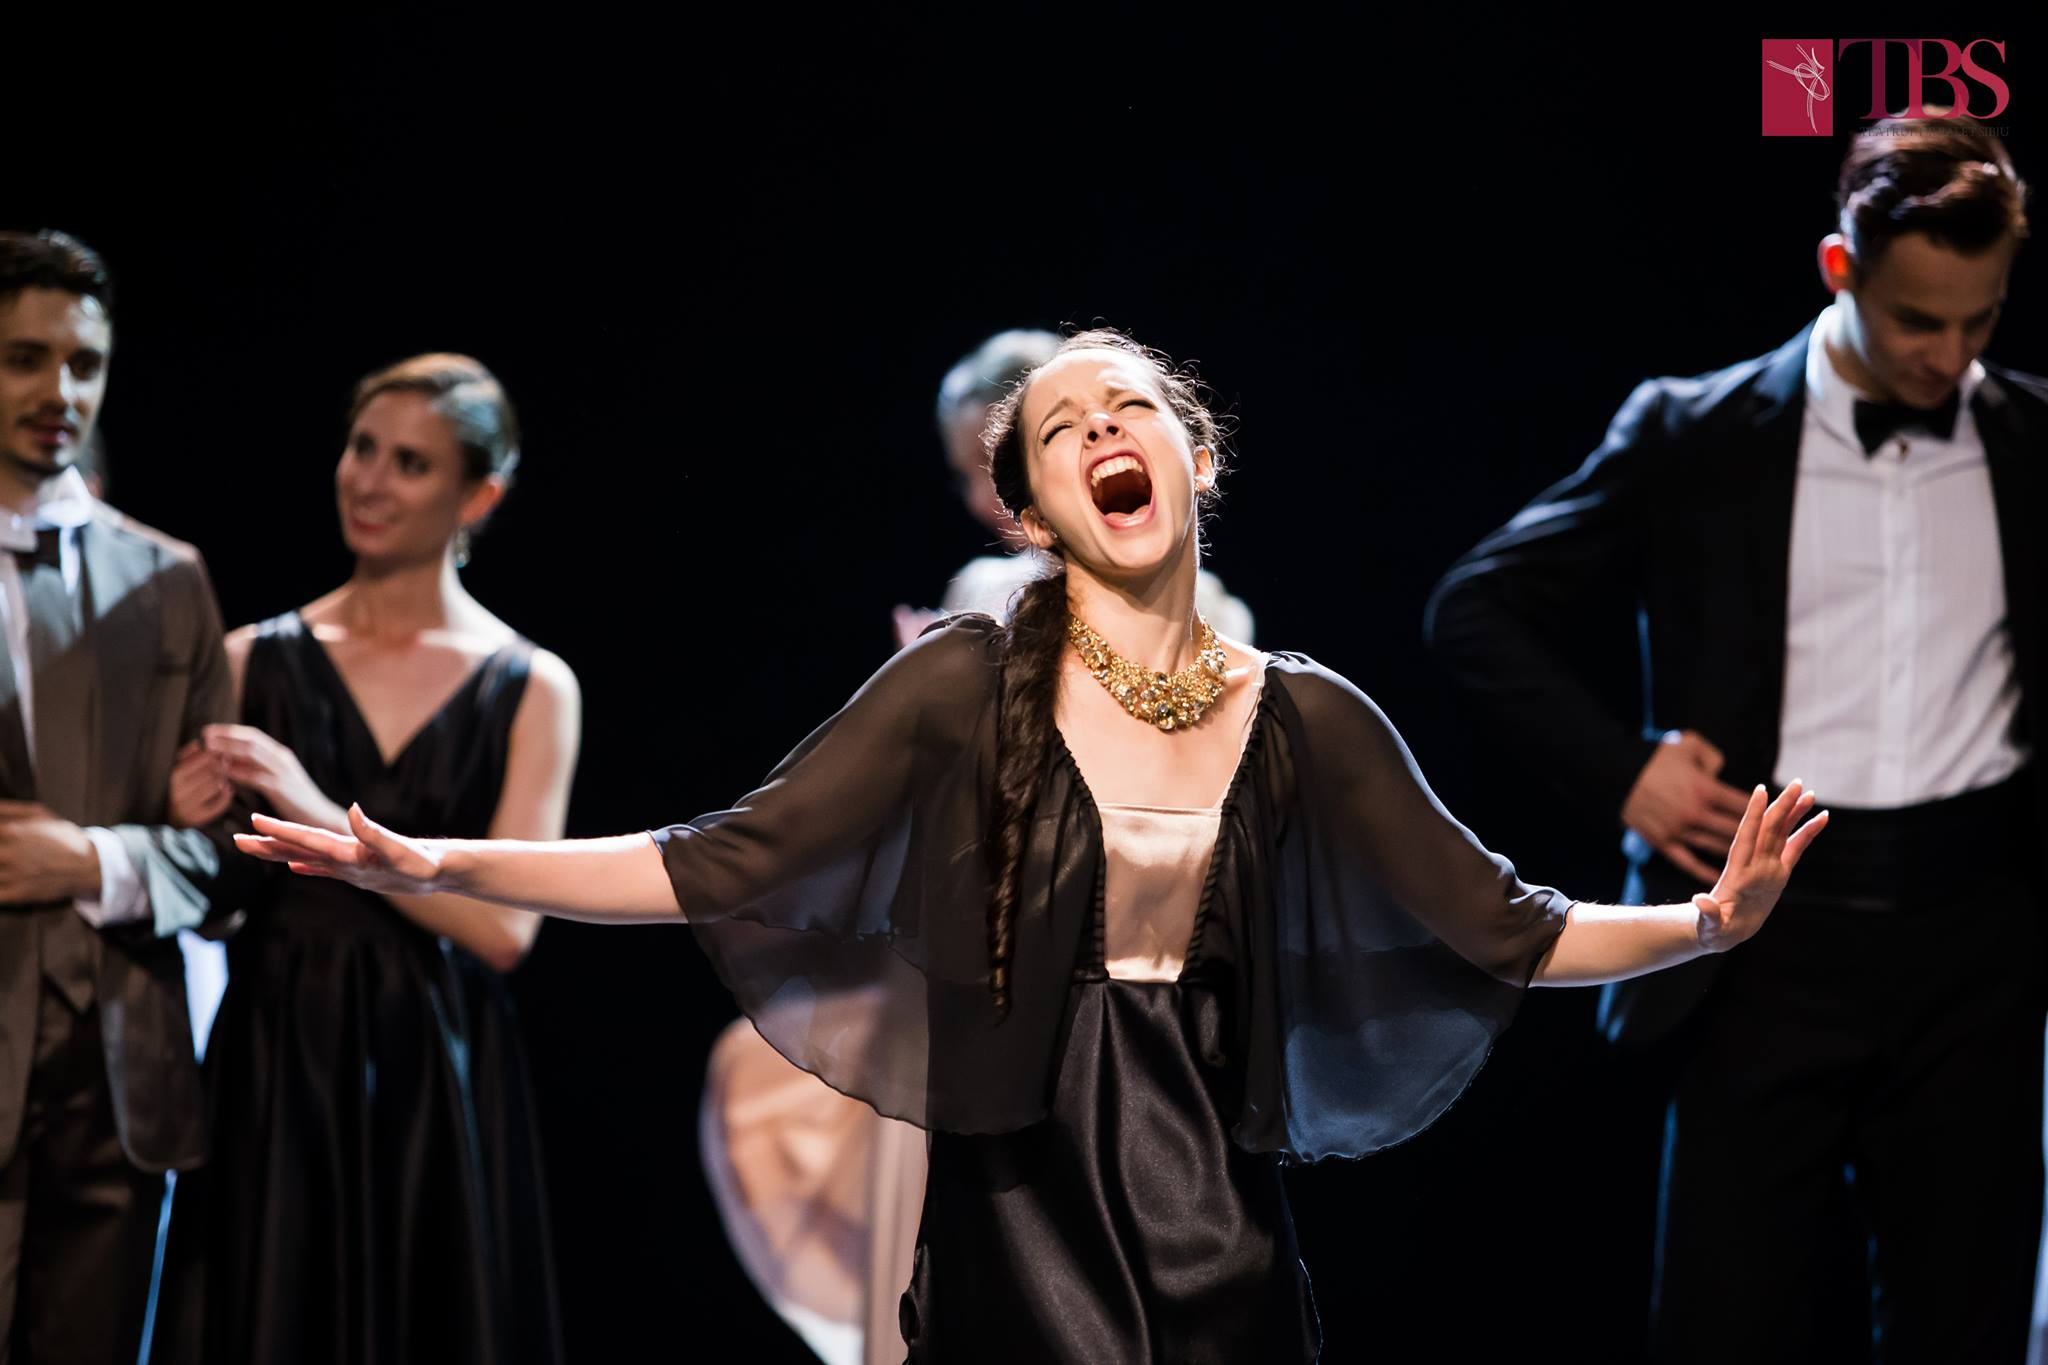 Freedom, Tristan și Isolda. Vorbind despre Isolda, Straussiana